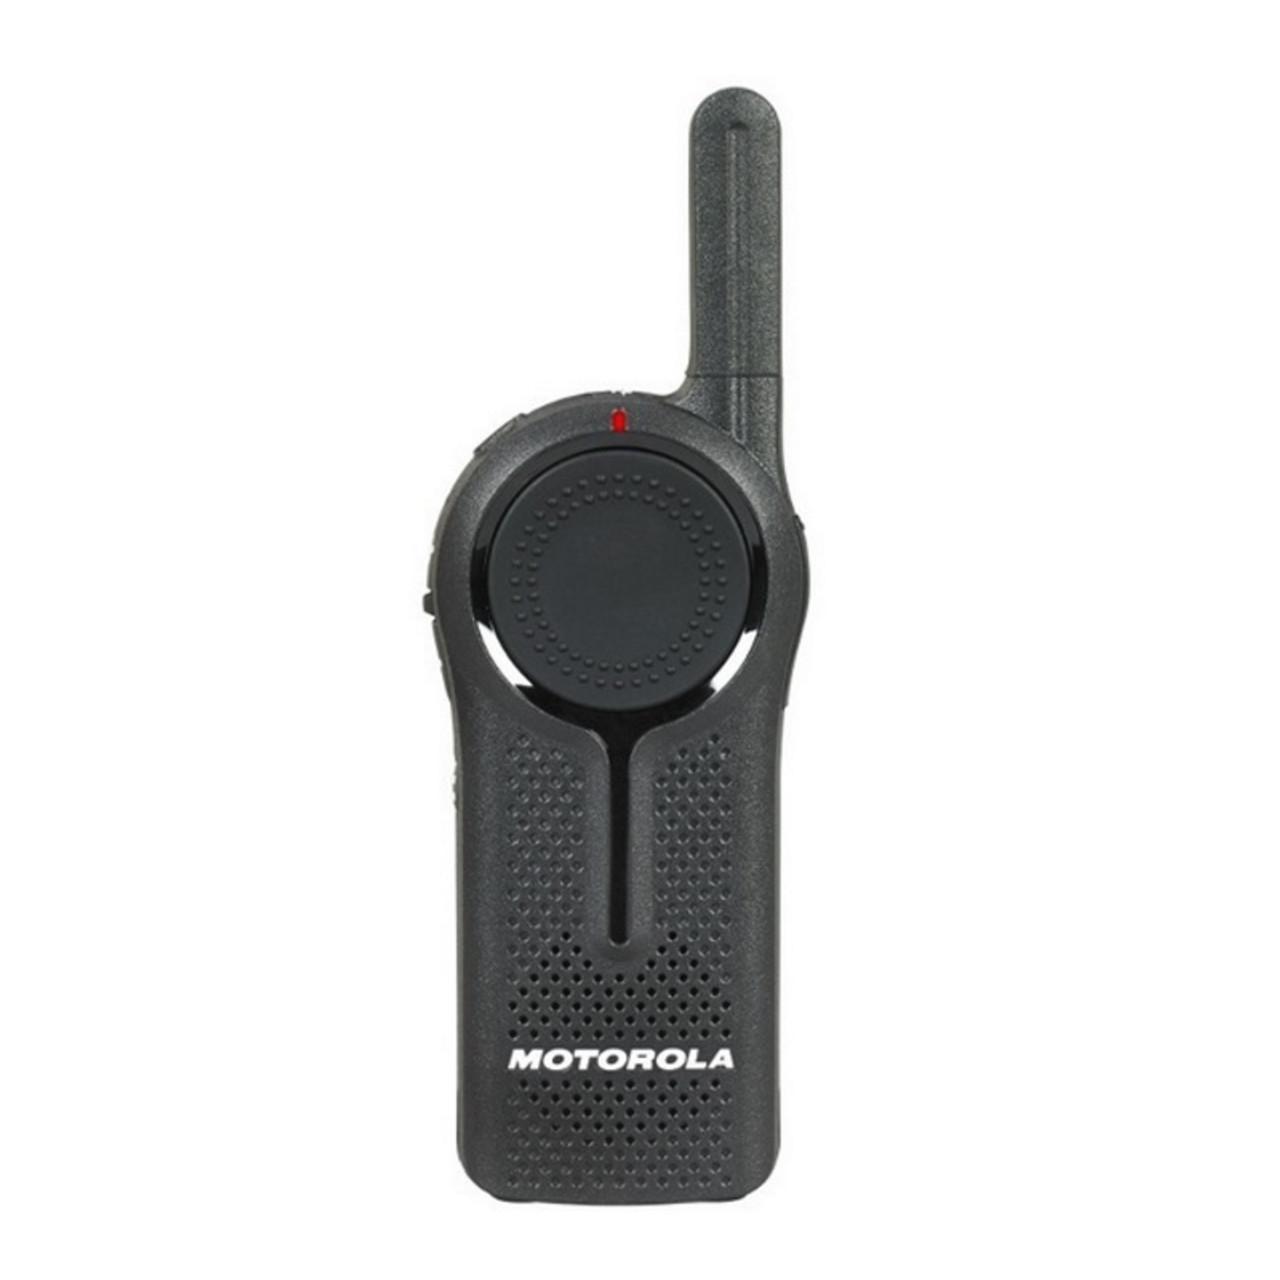 Motorola DLR1060 Digital 6-channel 900Mhz 2-Way Radio